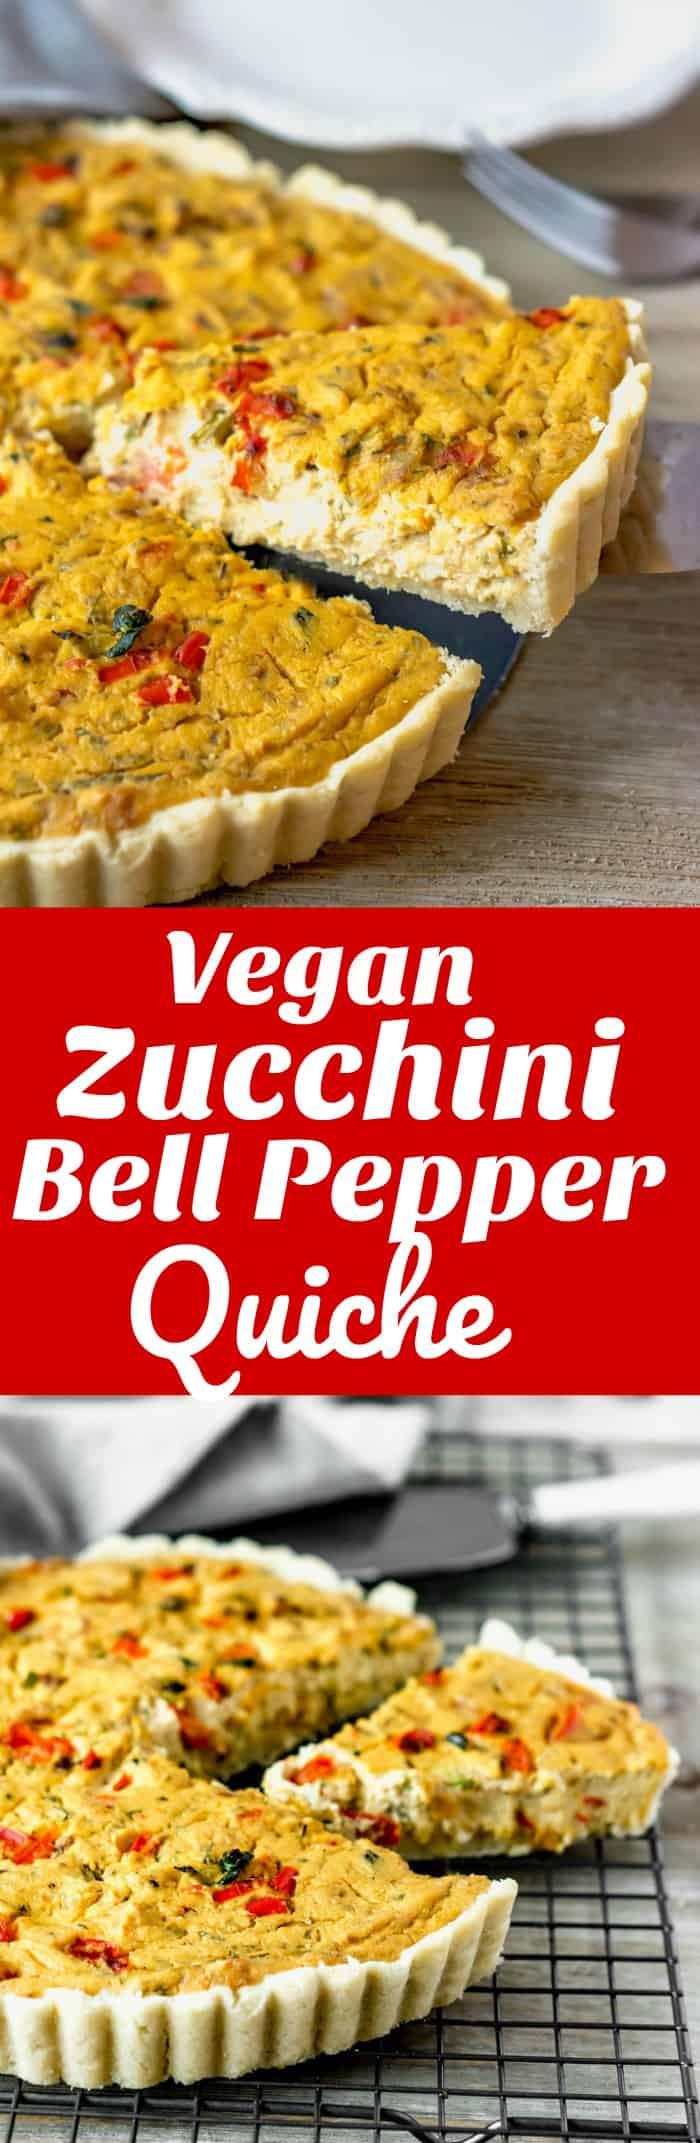 Vegan Zucchini Bell Pepper Tofu Quichef